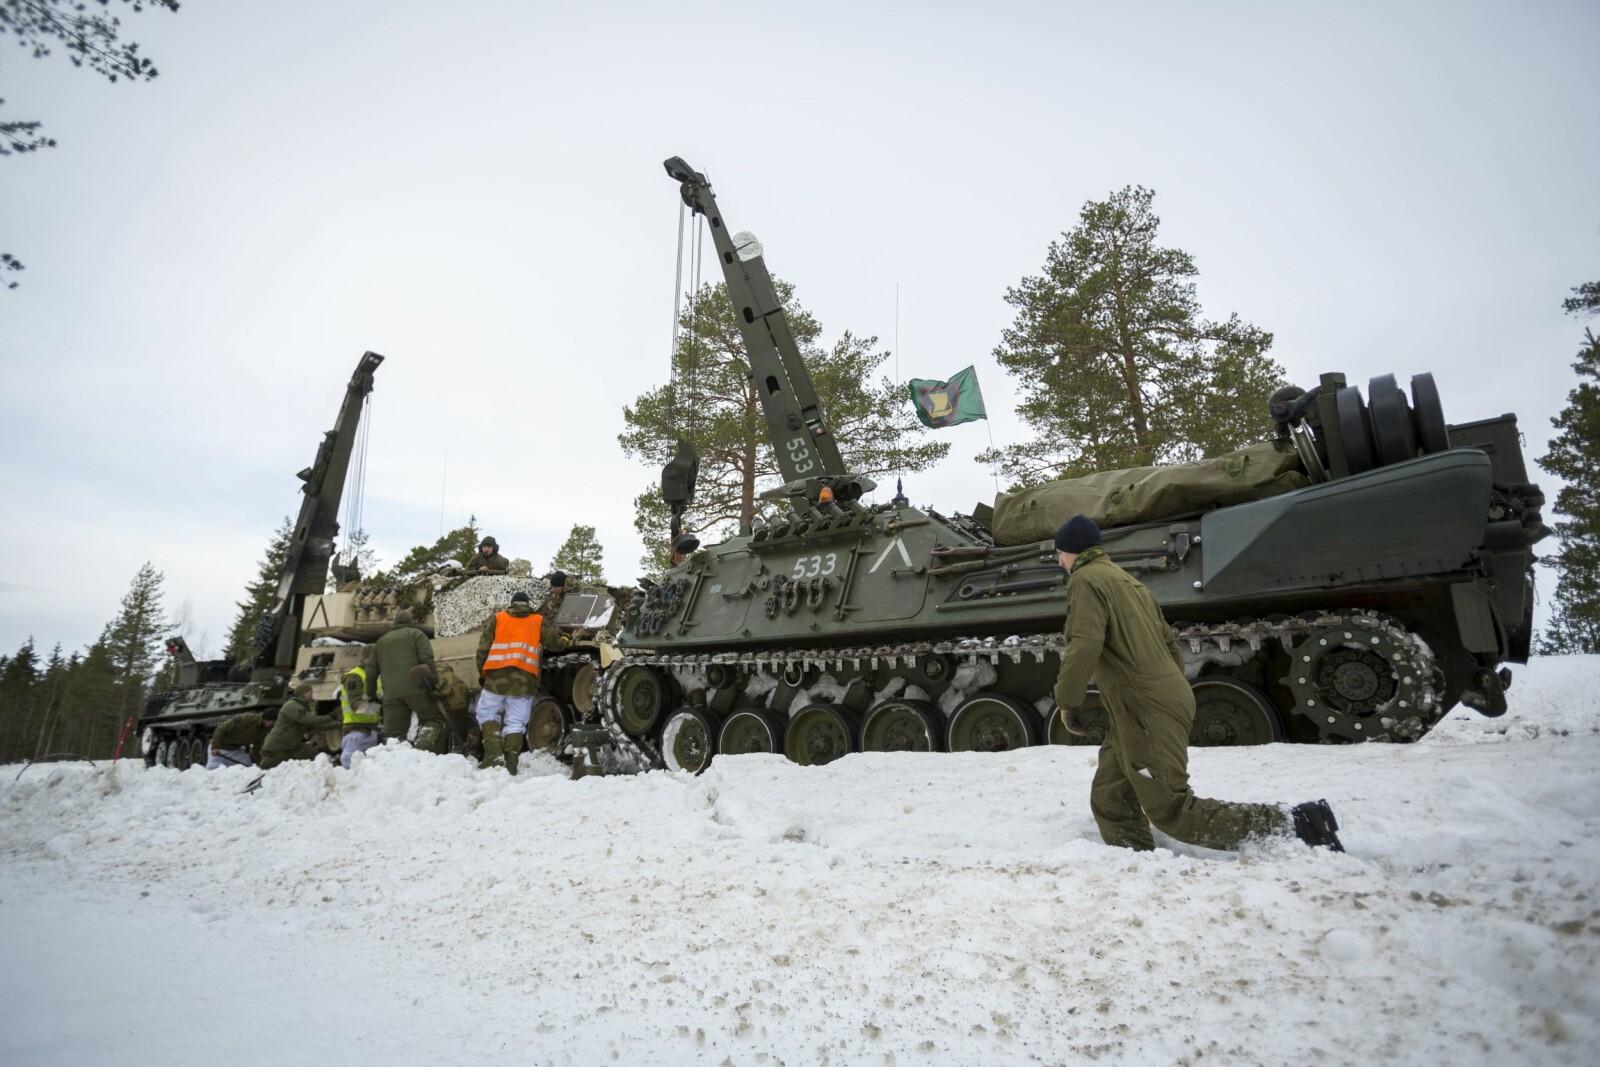 <b>TO MÅ TIL:</b> Det må to NM217-vogner til for å berge en Leopard 2. Wisent 2 greier jobben alene.